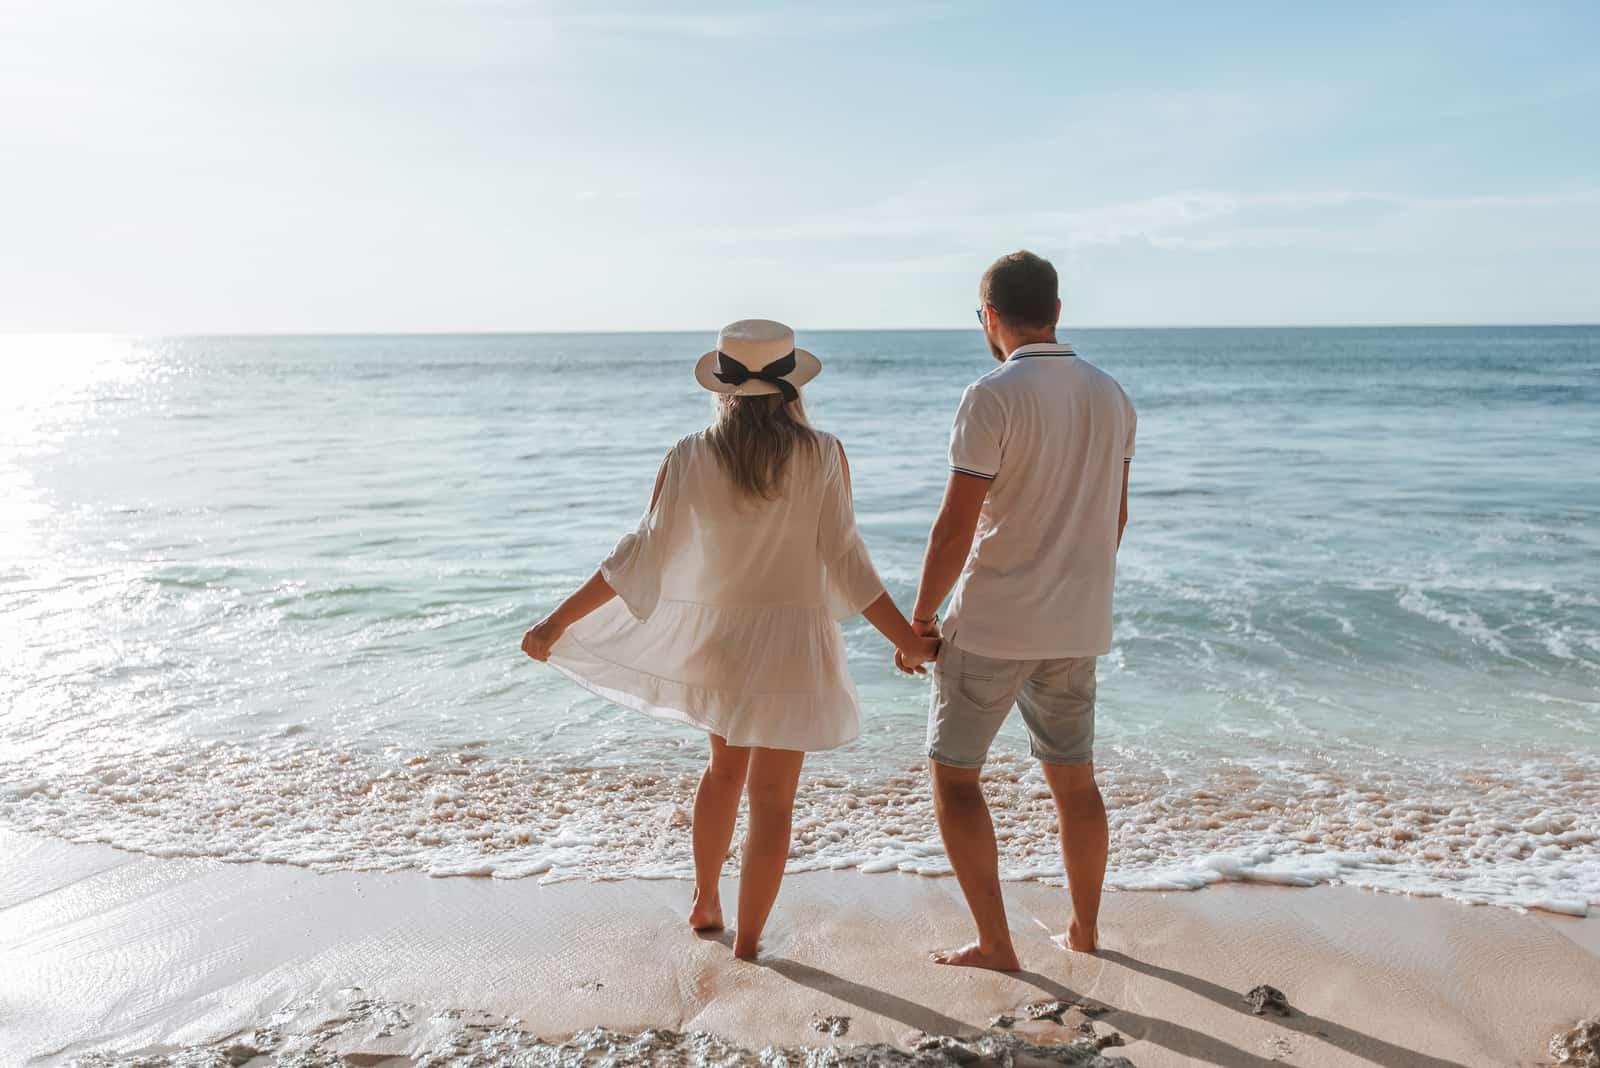 Mann und Mädchen halten sich an den Händen und beobachten den Sonnenuntergang am Strand